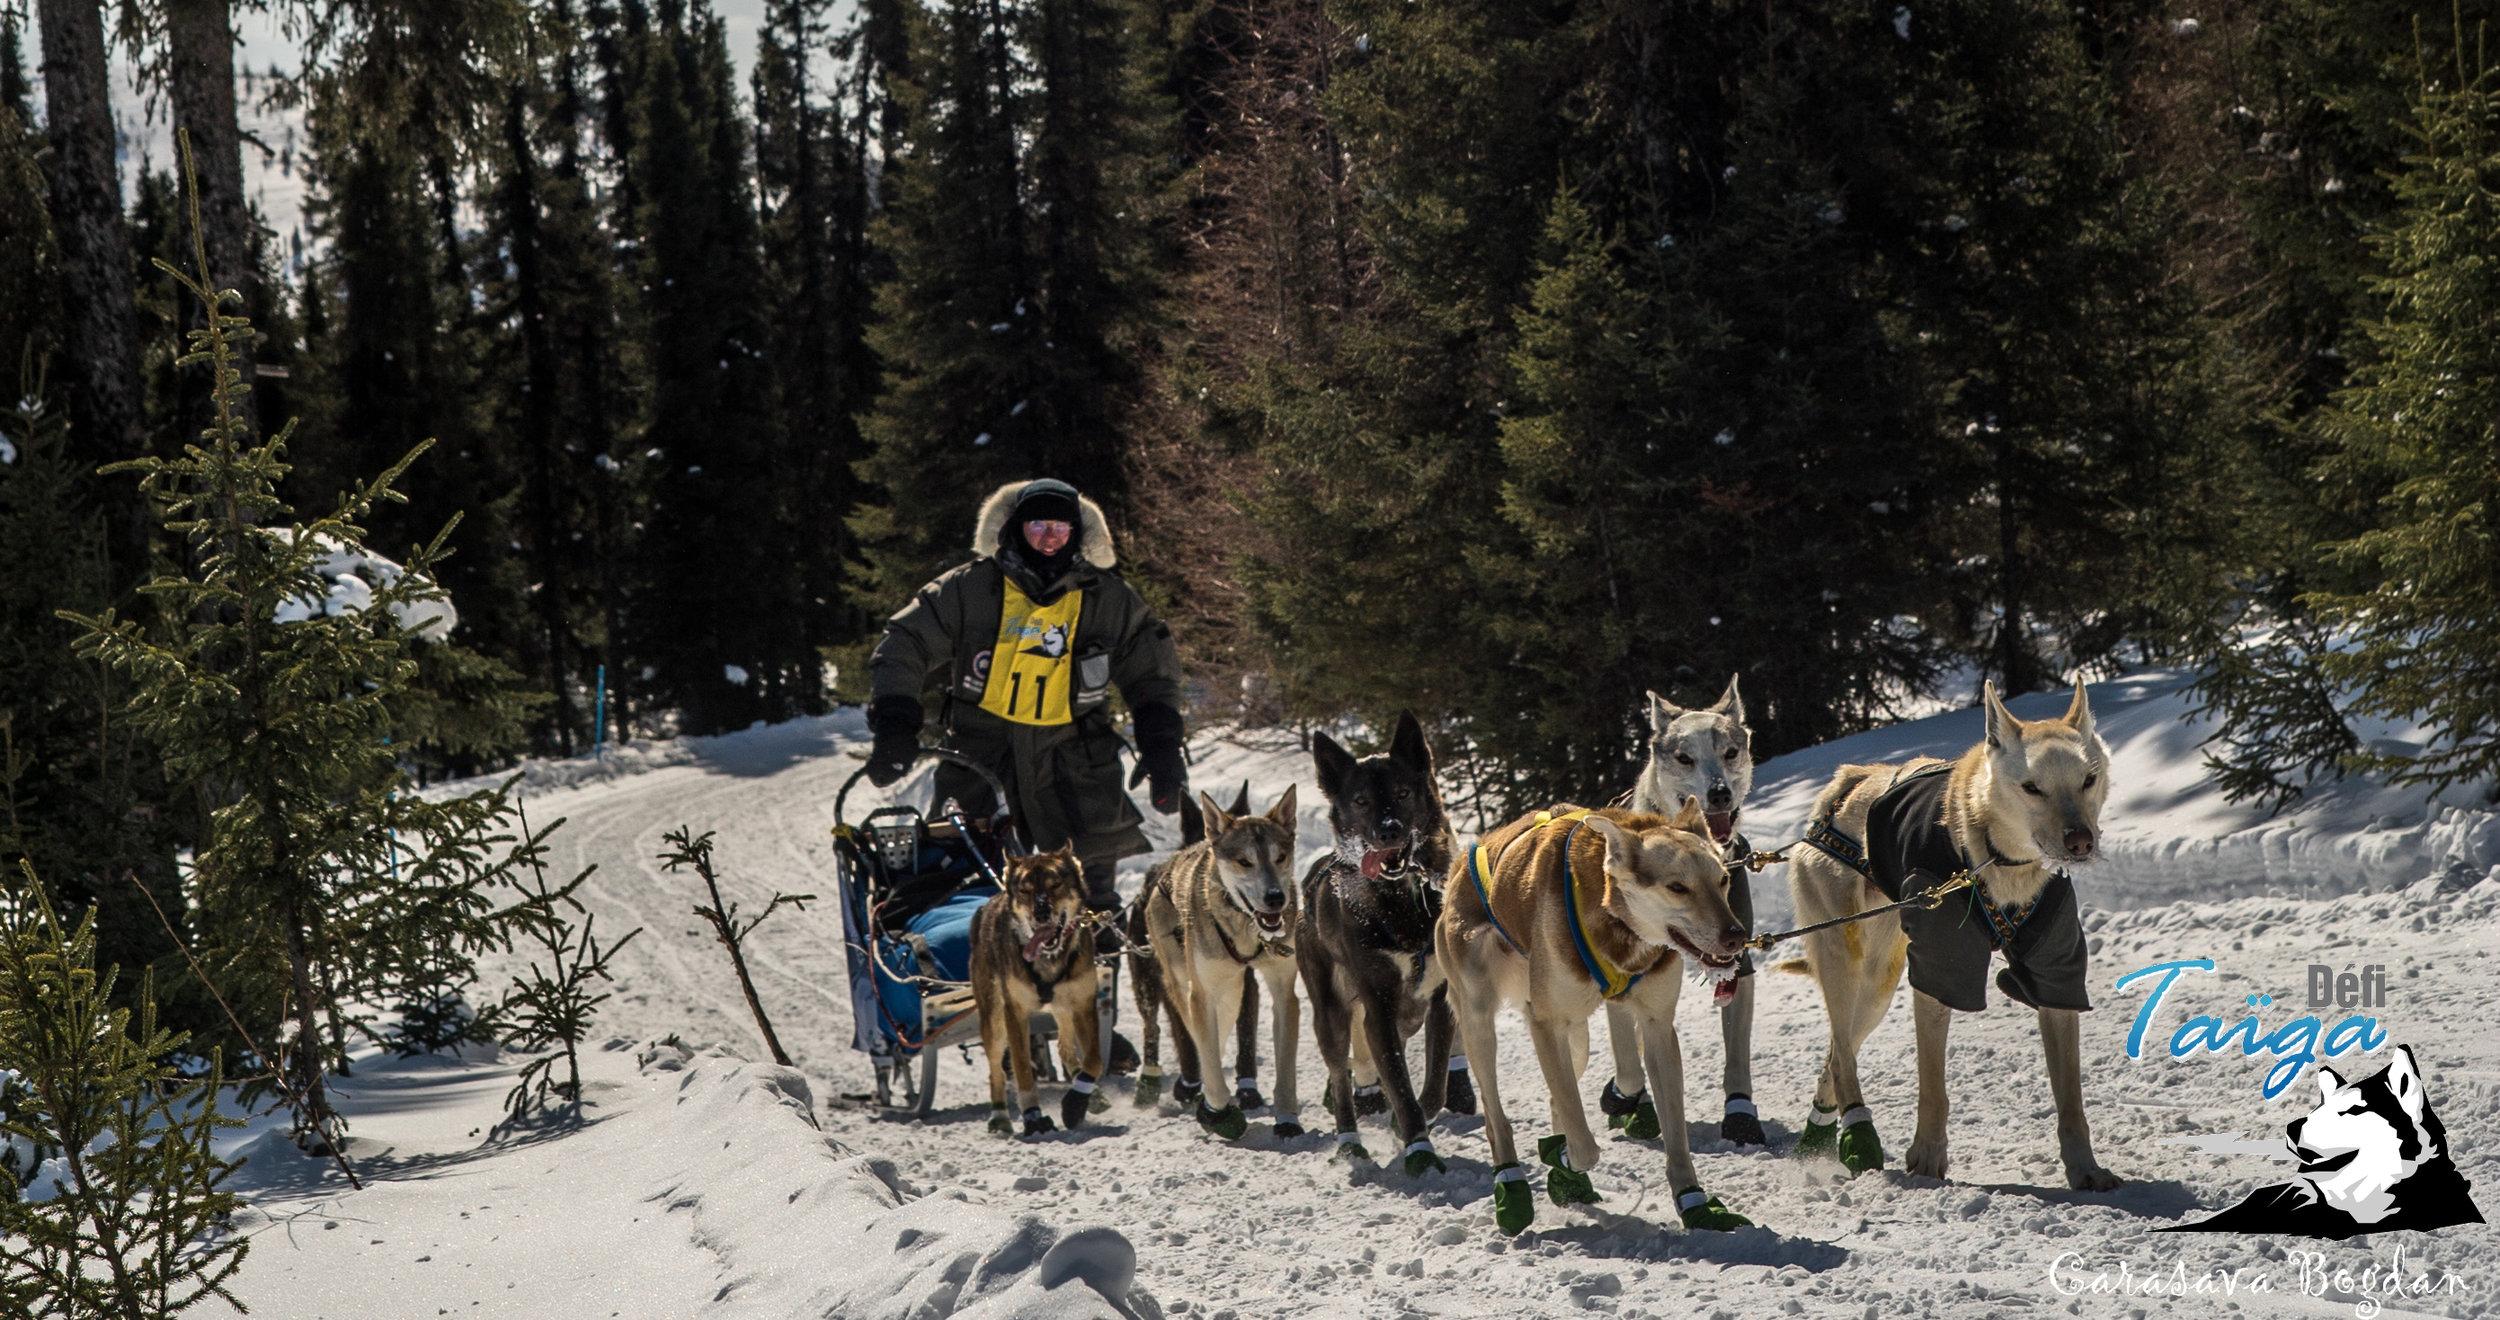 Mushers édition 2016 - Liste des mushers participants à l'édition 2016 du Défi Taïga